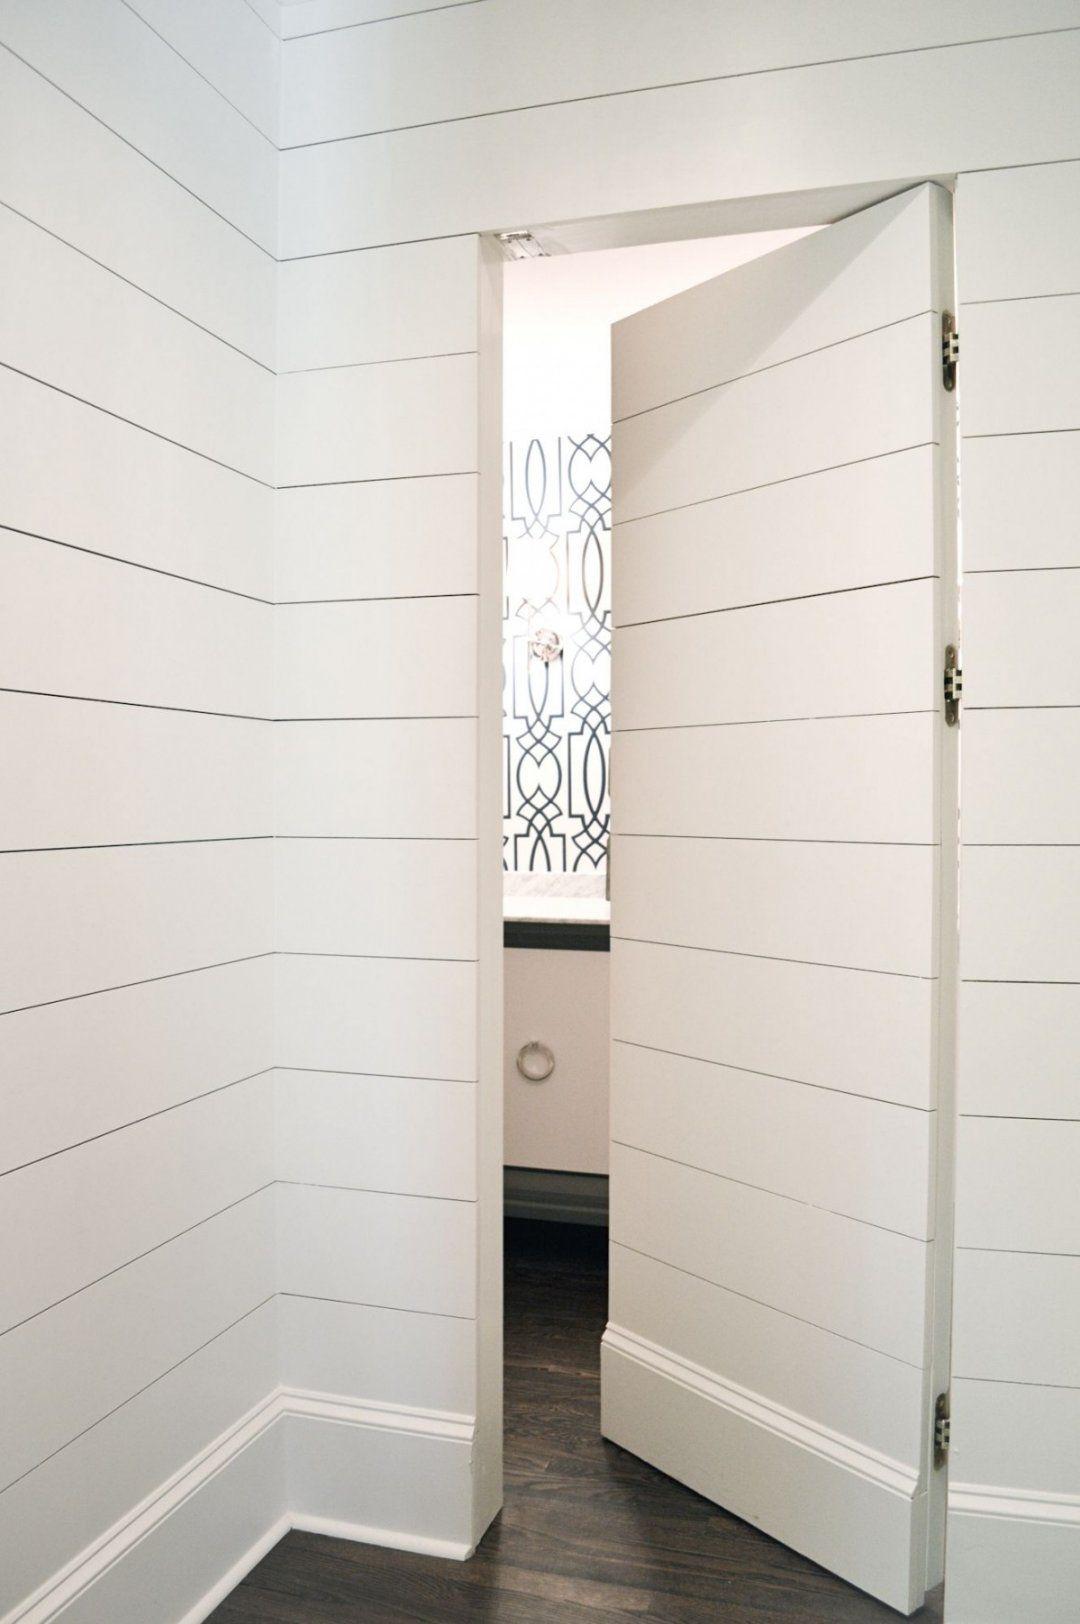 Hidden Door Company With Lock Design Google Ae œa Pinterest Bookcase Plans Interior Wainscoting Kit Diy Mirro Glass Doors Interior Hidden Rooms Doors Interior